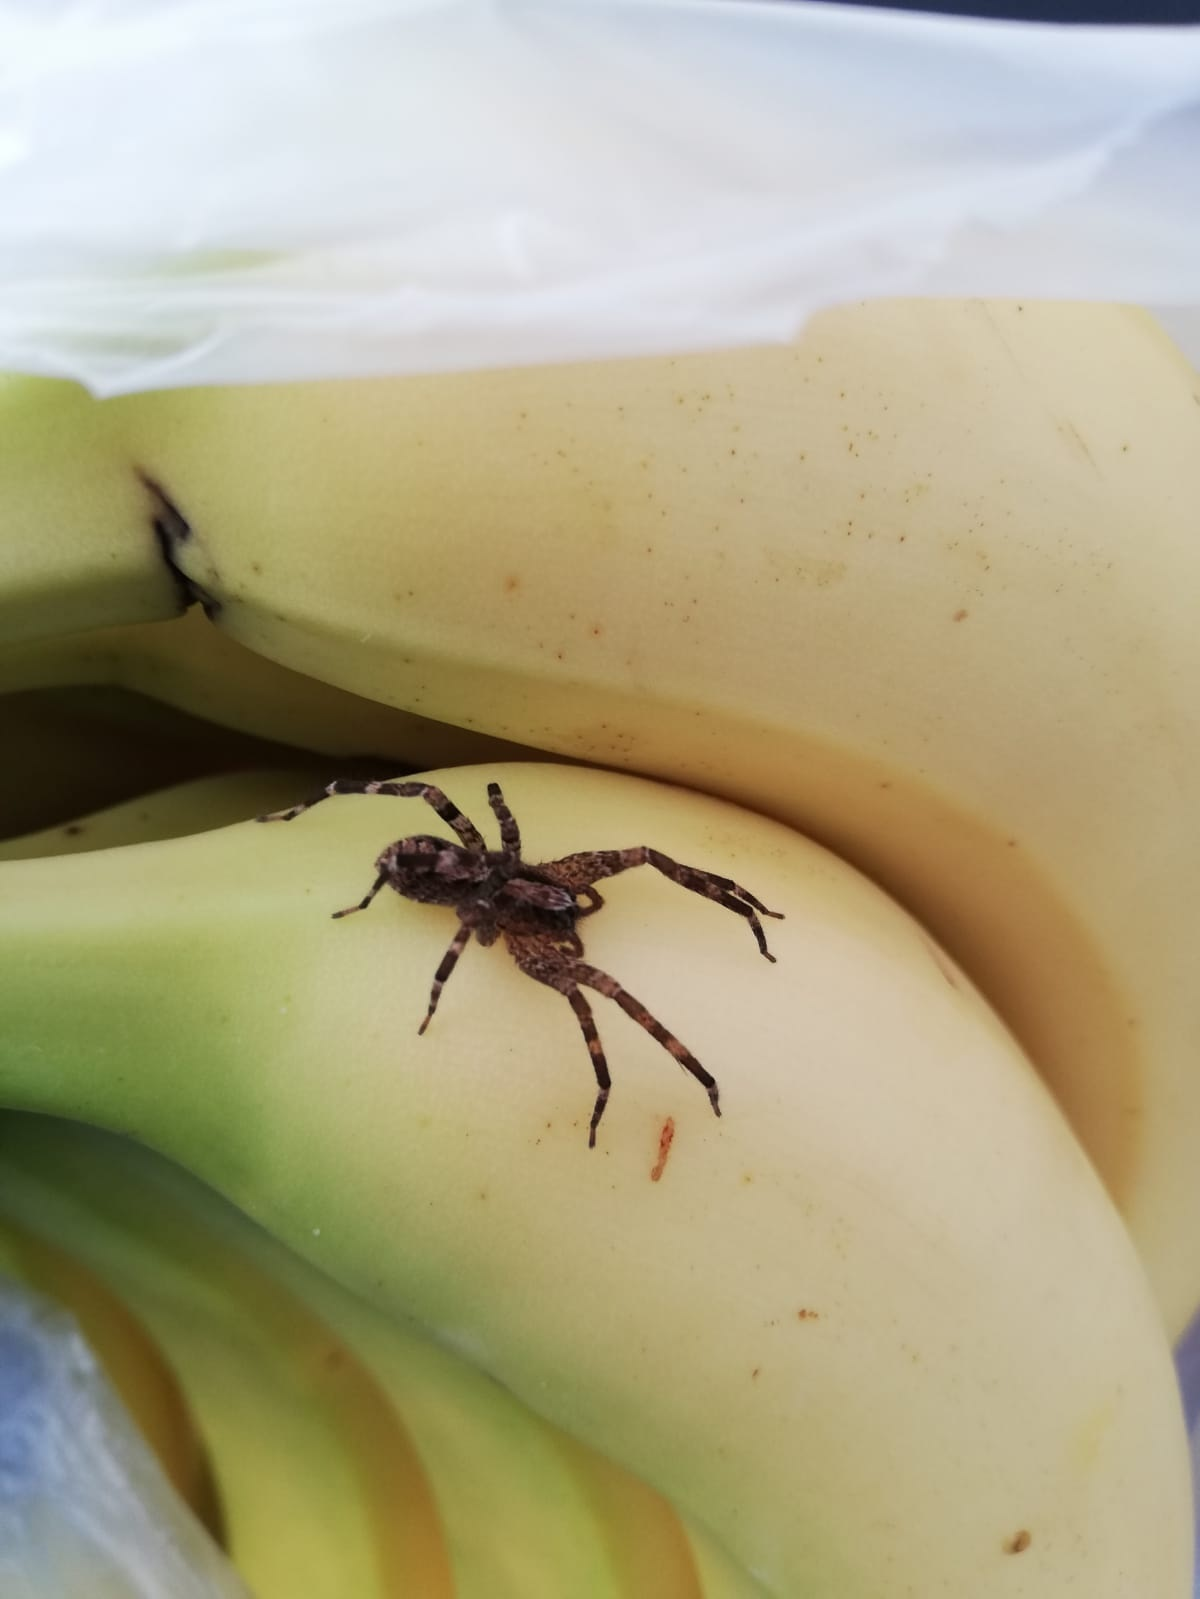 Shock as Brierley Hill supermarket staff find tropical spider